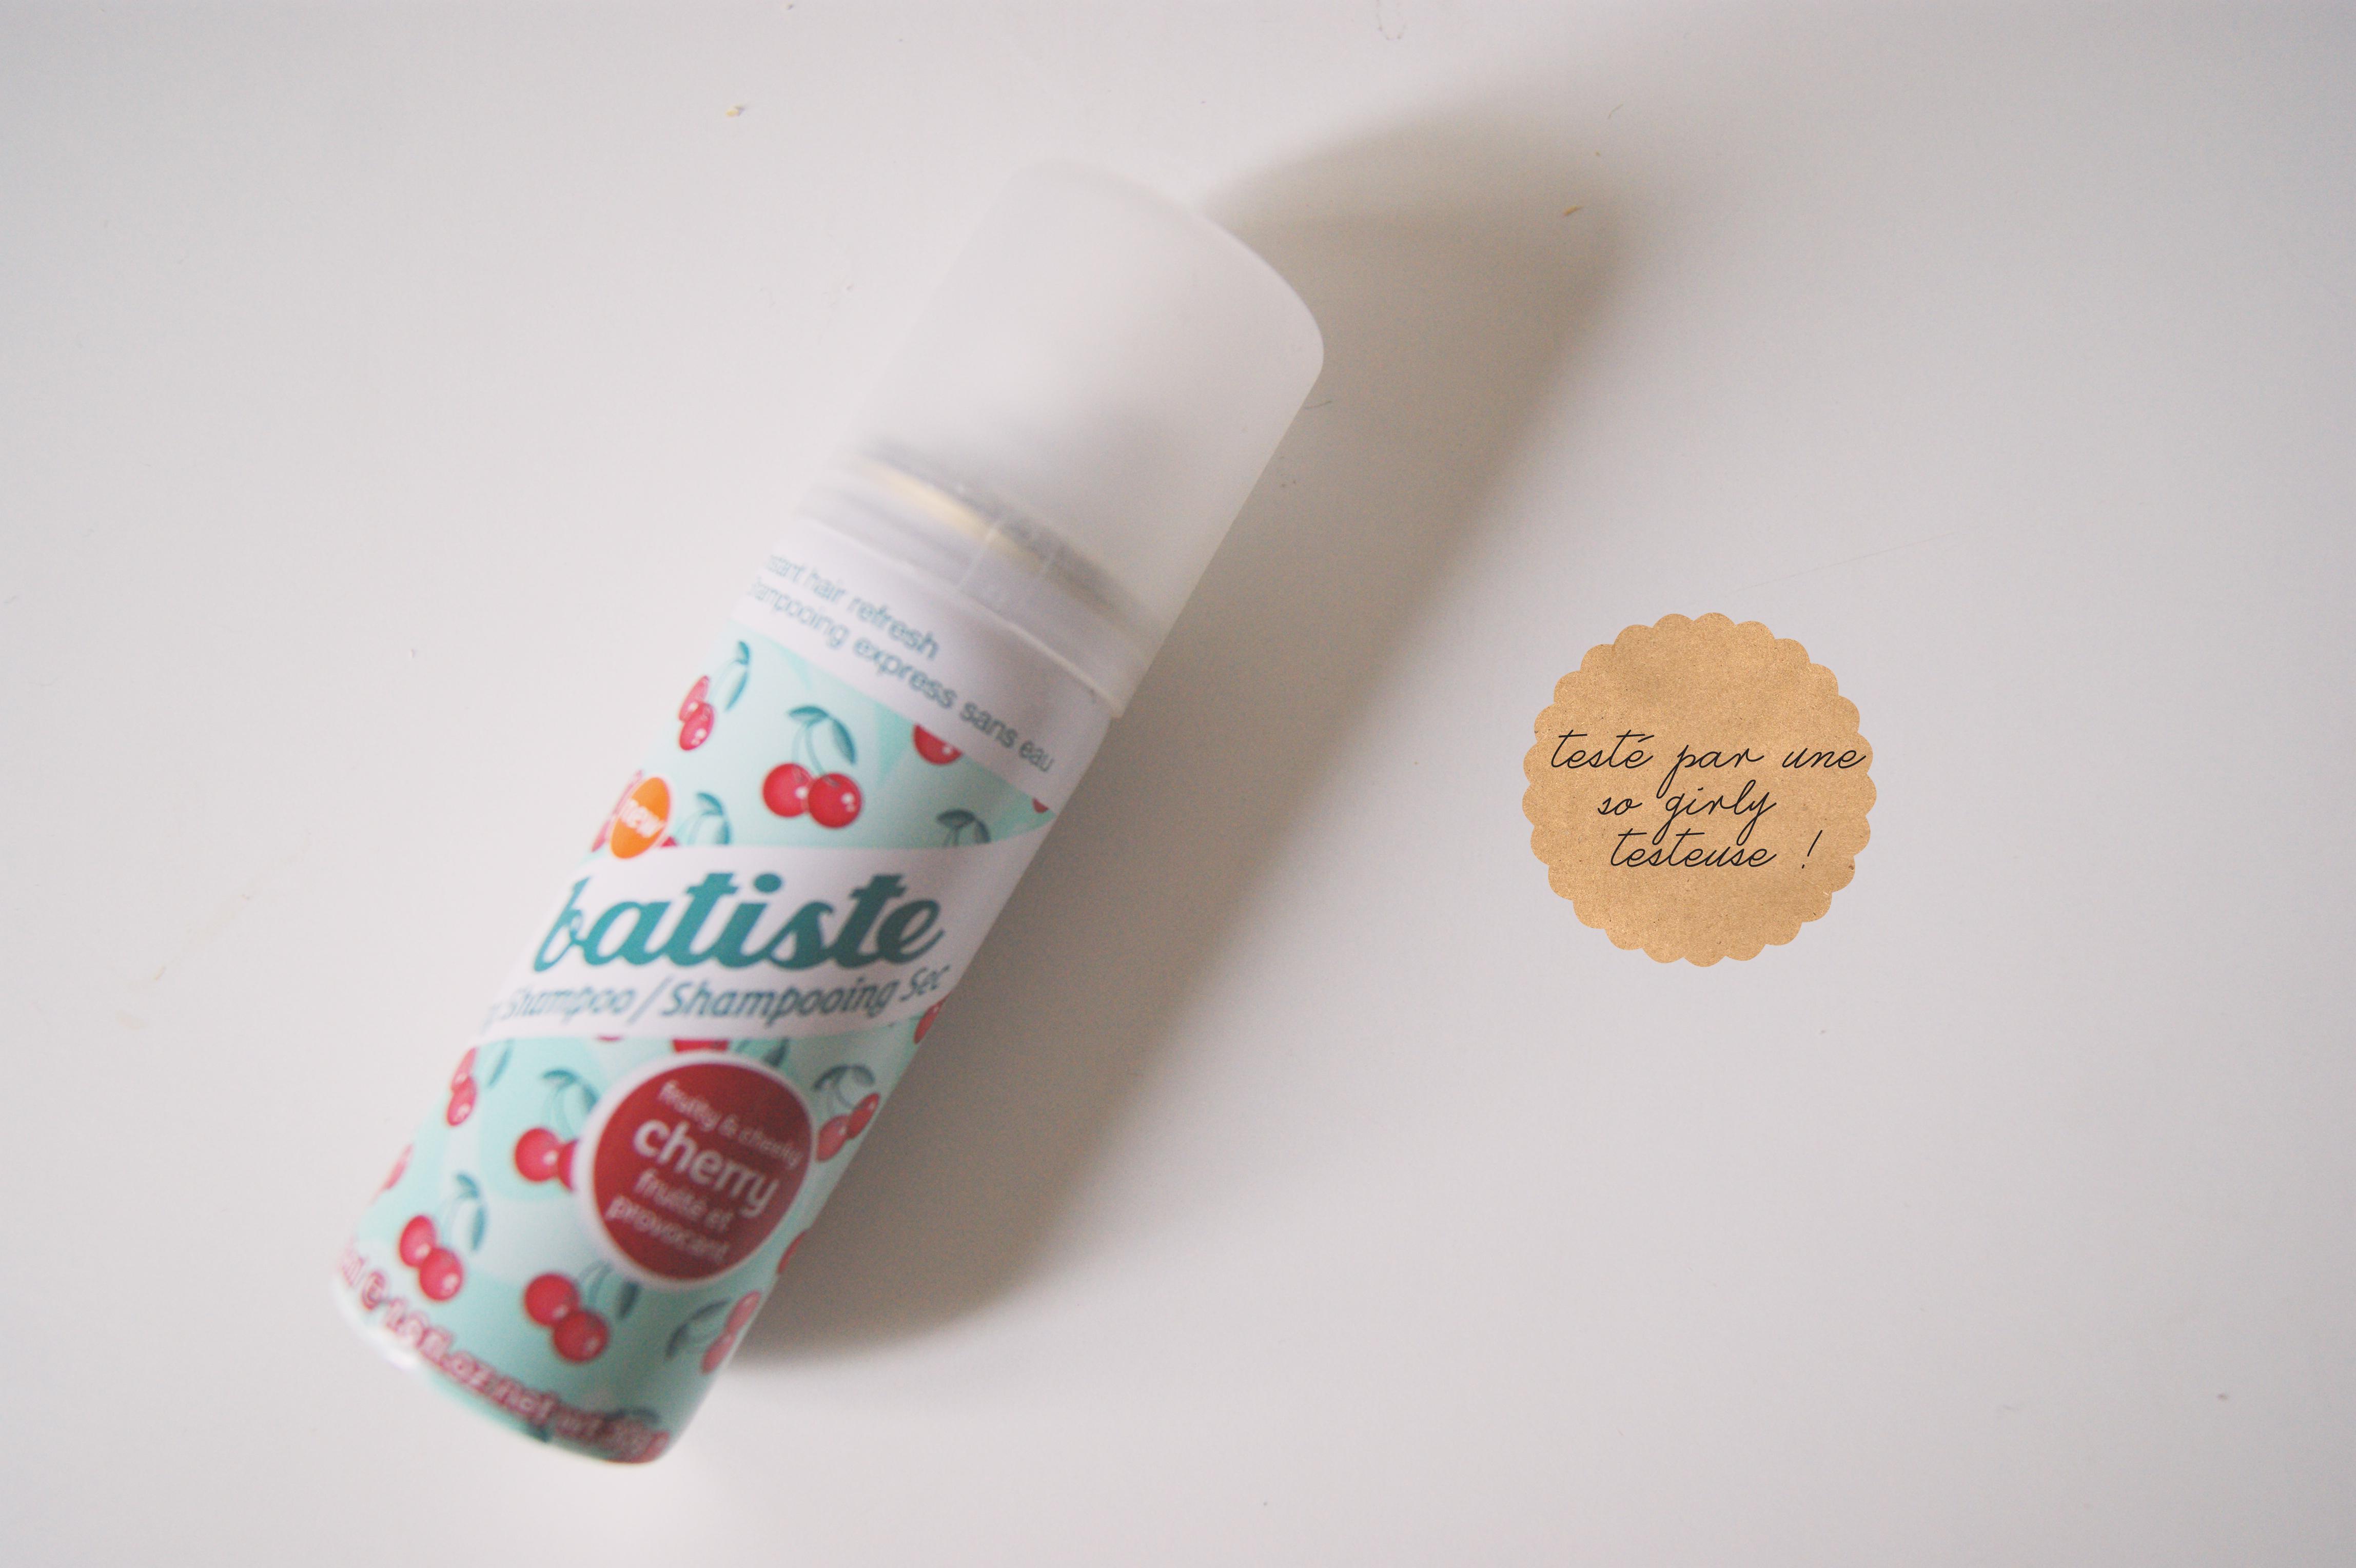 test shampoing sec batiste